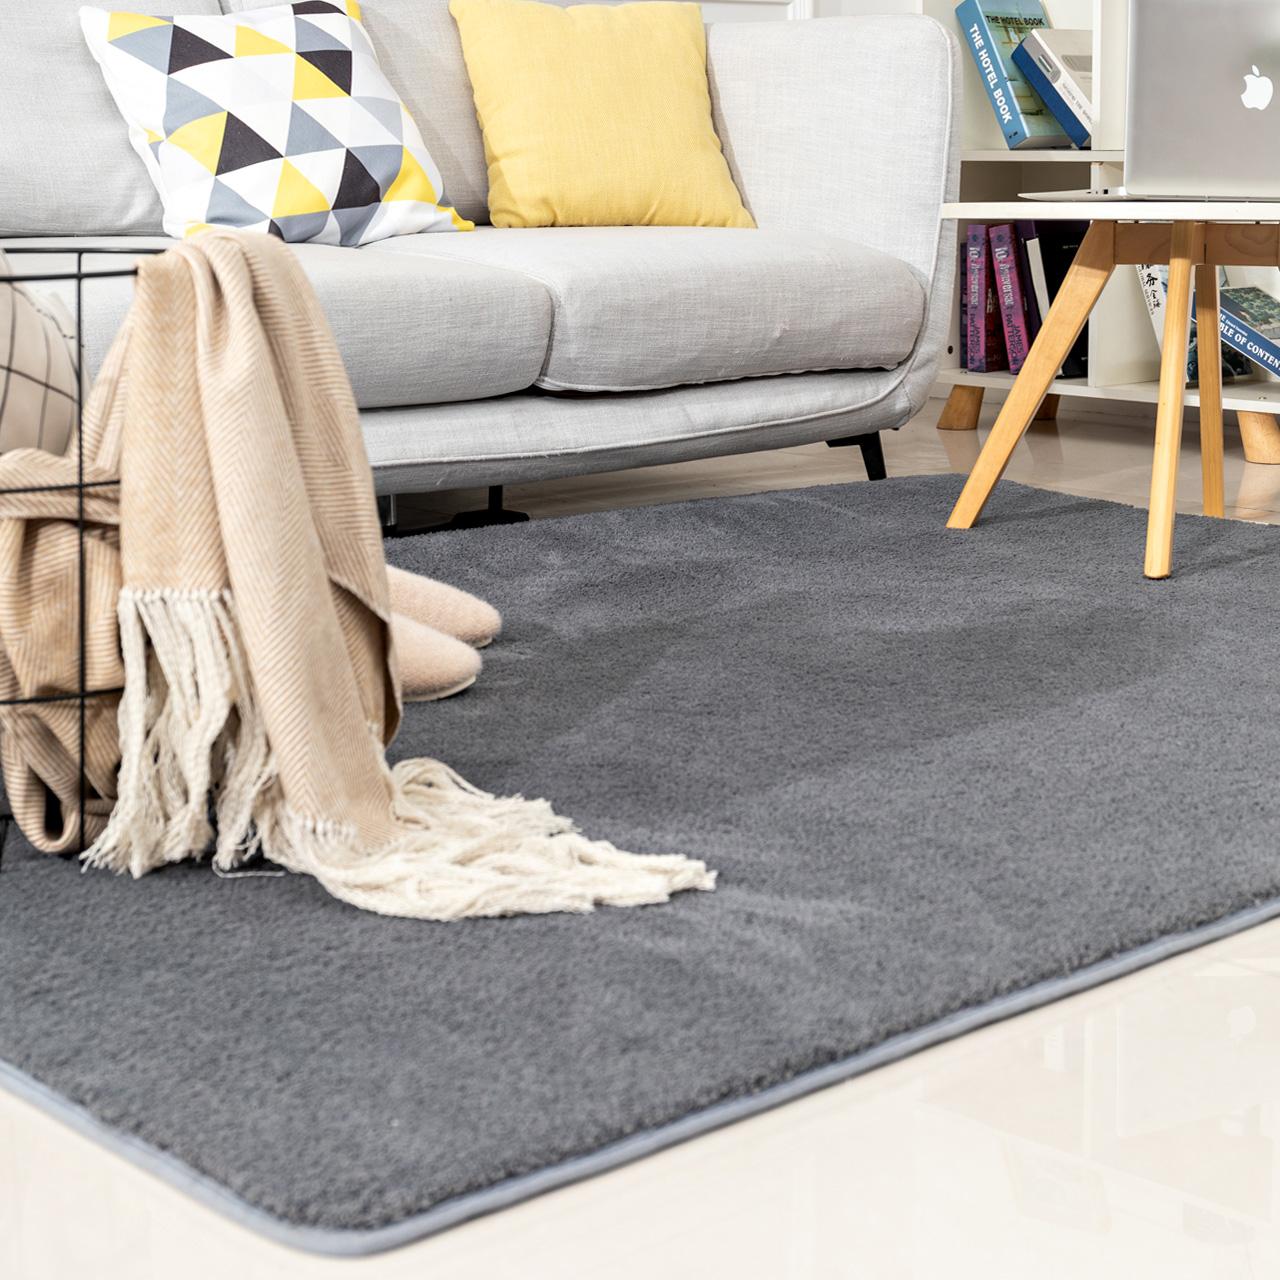 客厅地毯北欧现代简约沙发茶几毯美式宜家可定制水洗床边卧室地毯